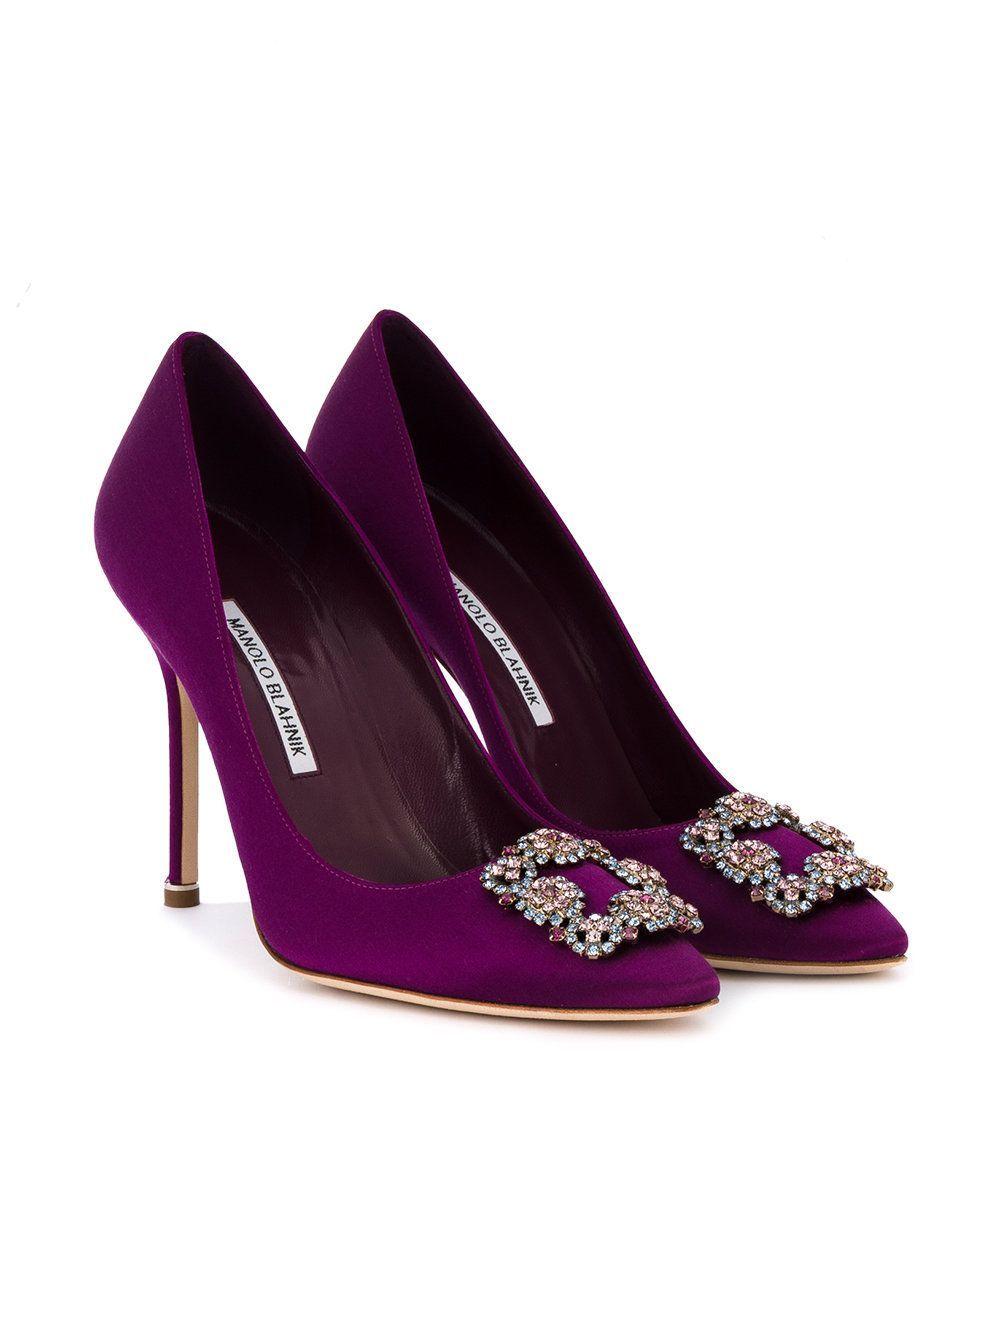 f72f14d2d Statement bow court shoes - Black